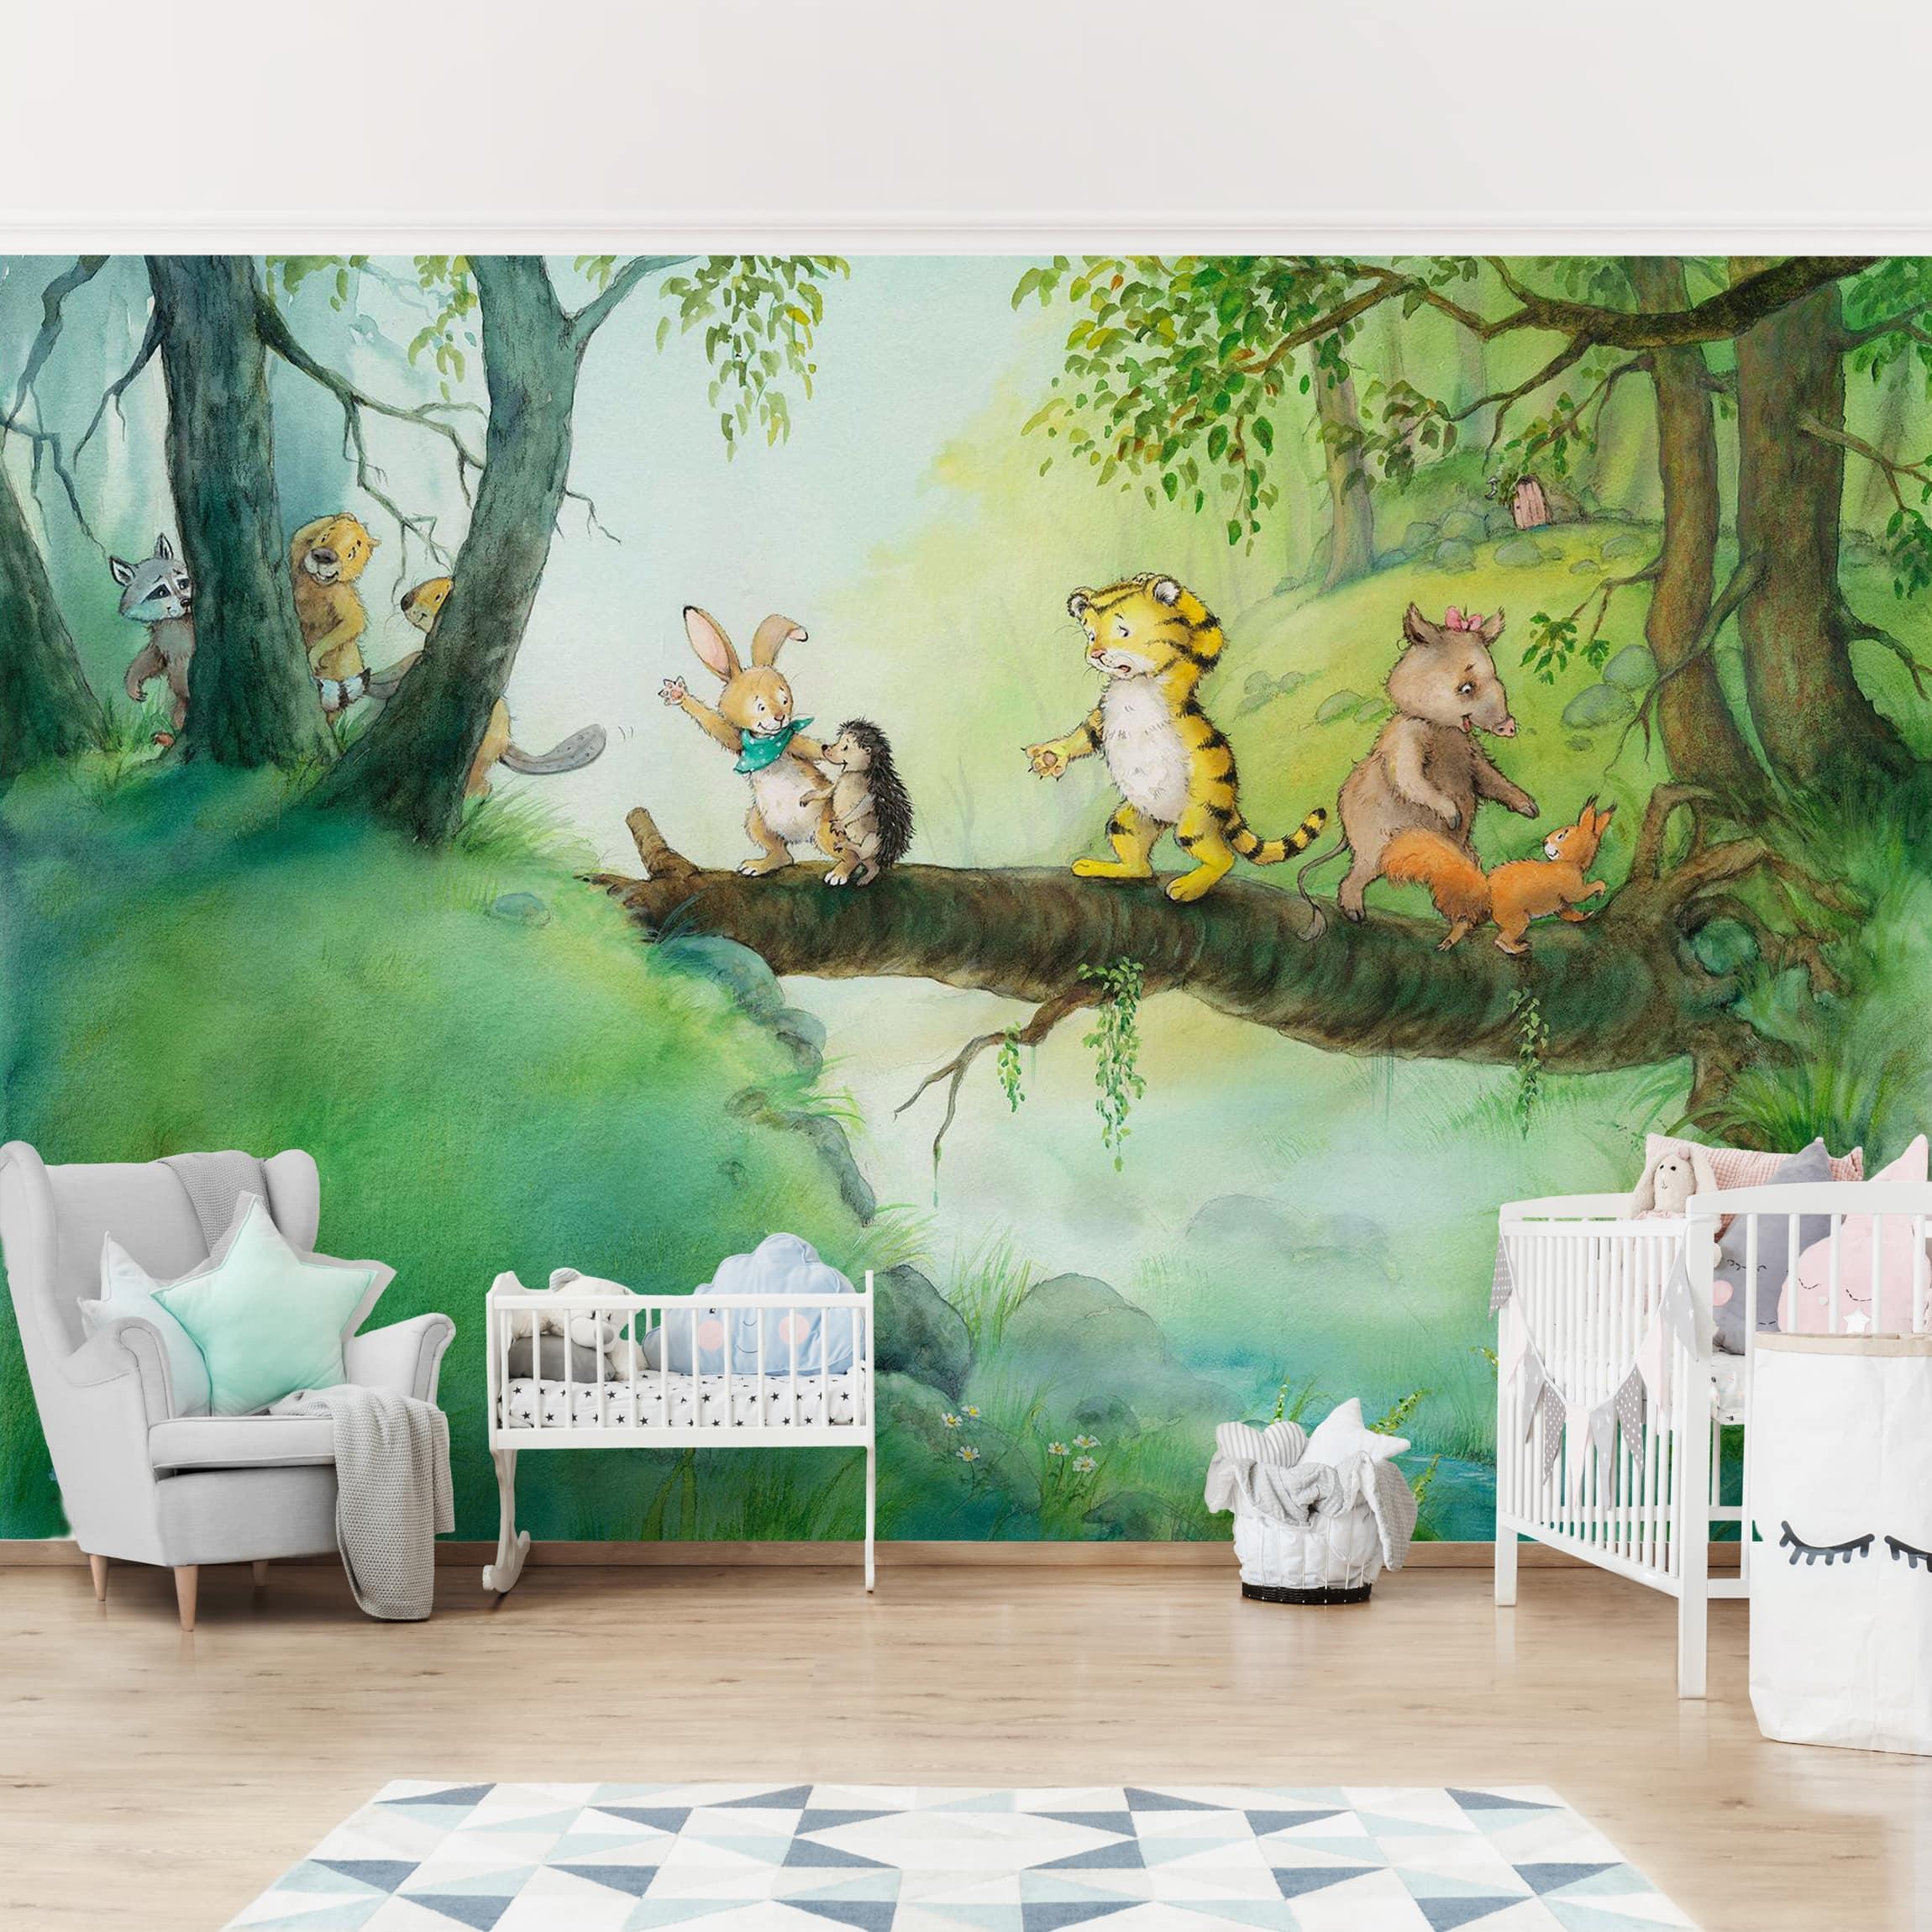 Full Size of Wandbild Kinderzimmer Selbstklebende Tapete Kleiner Tiger Baumbrcke Sofa Wohnzimmer Regale Wandbilder Schlafzimmer Regal Weiß Kinderzimmer Wandbild Kinderzimmer